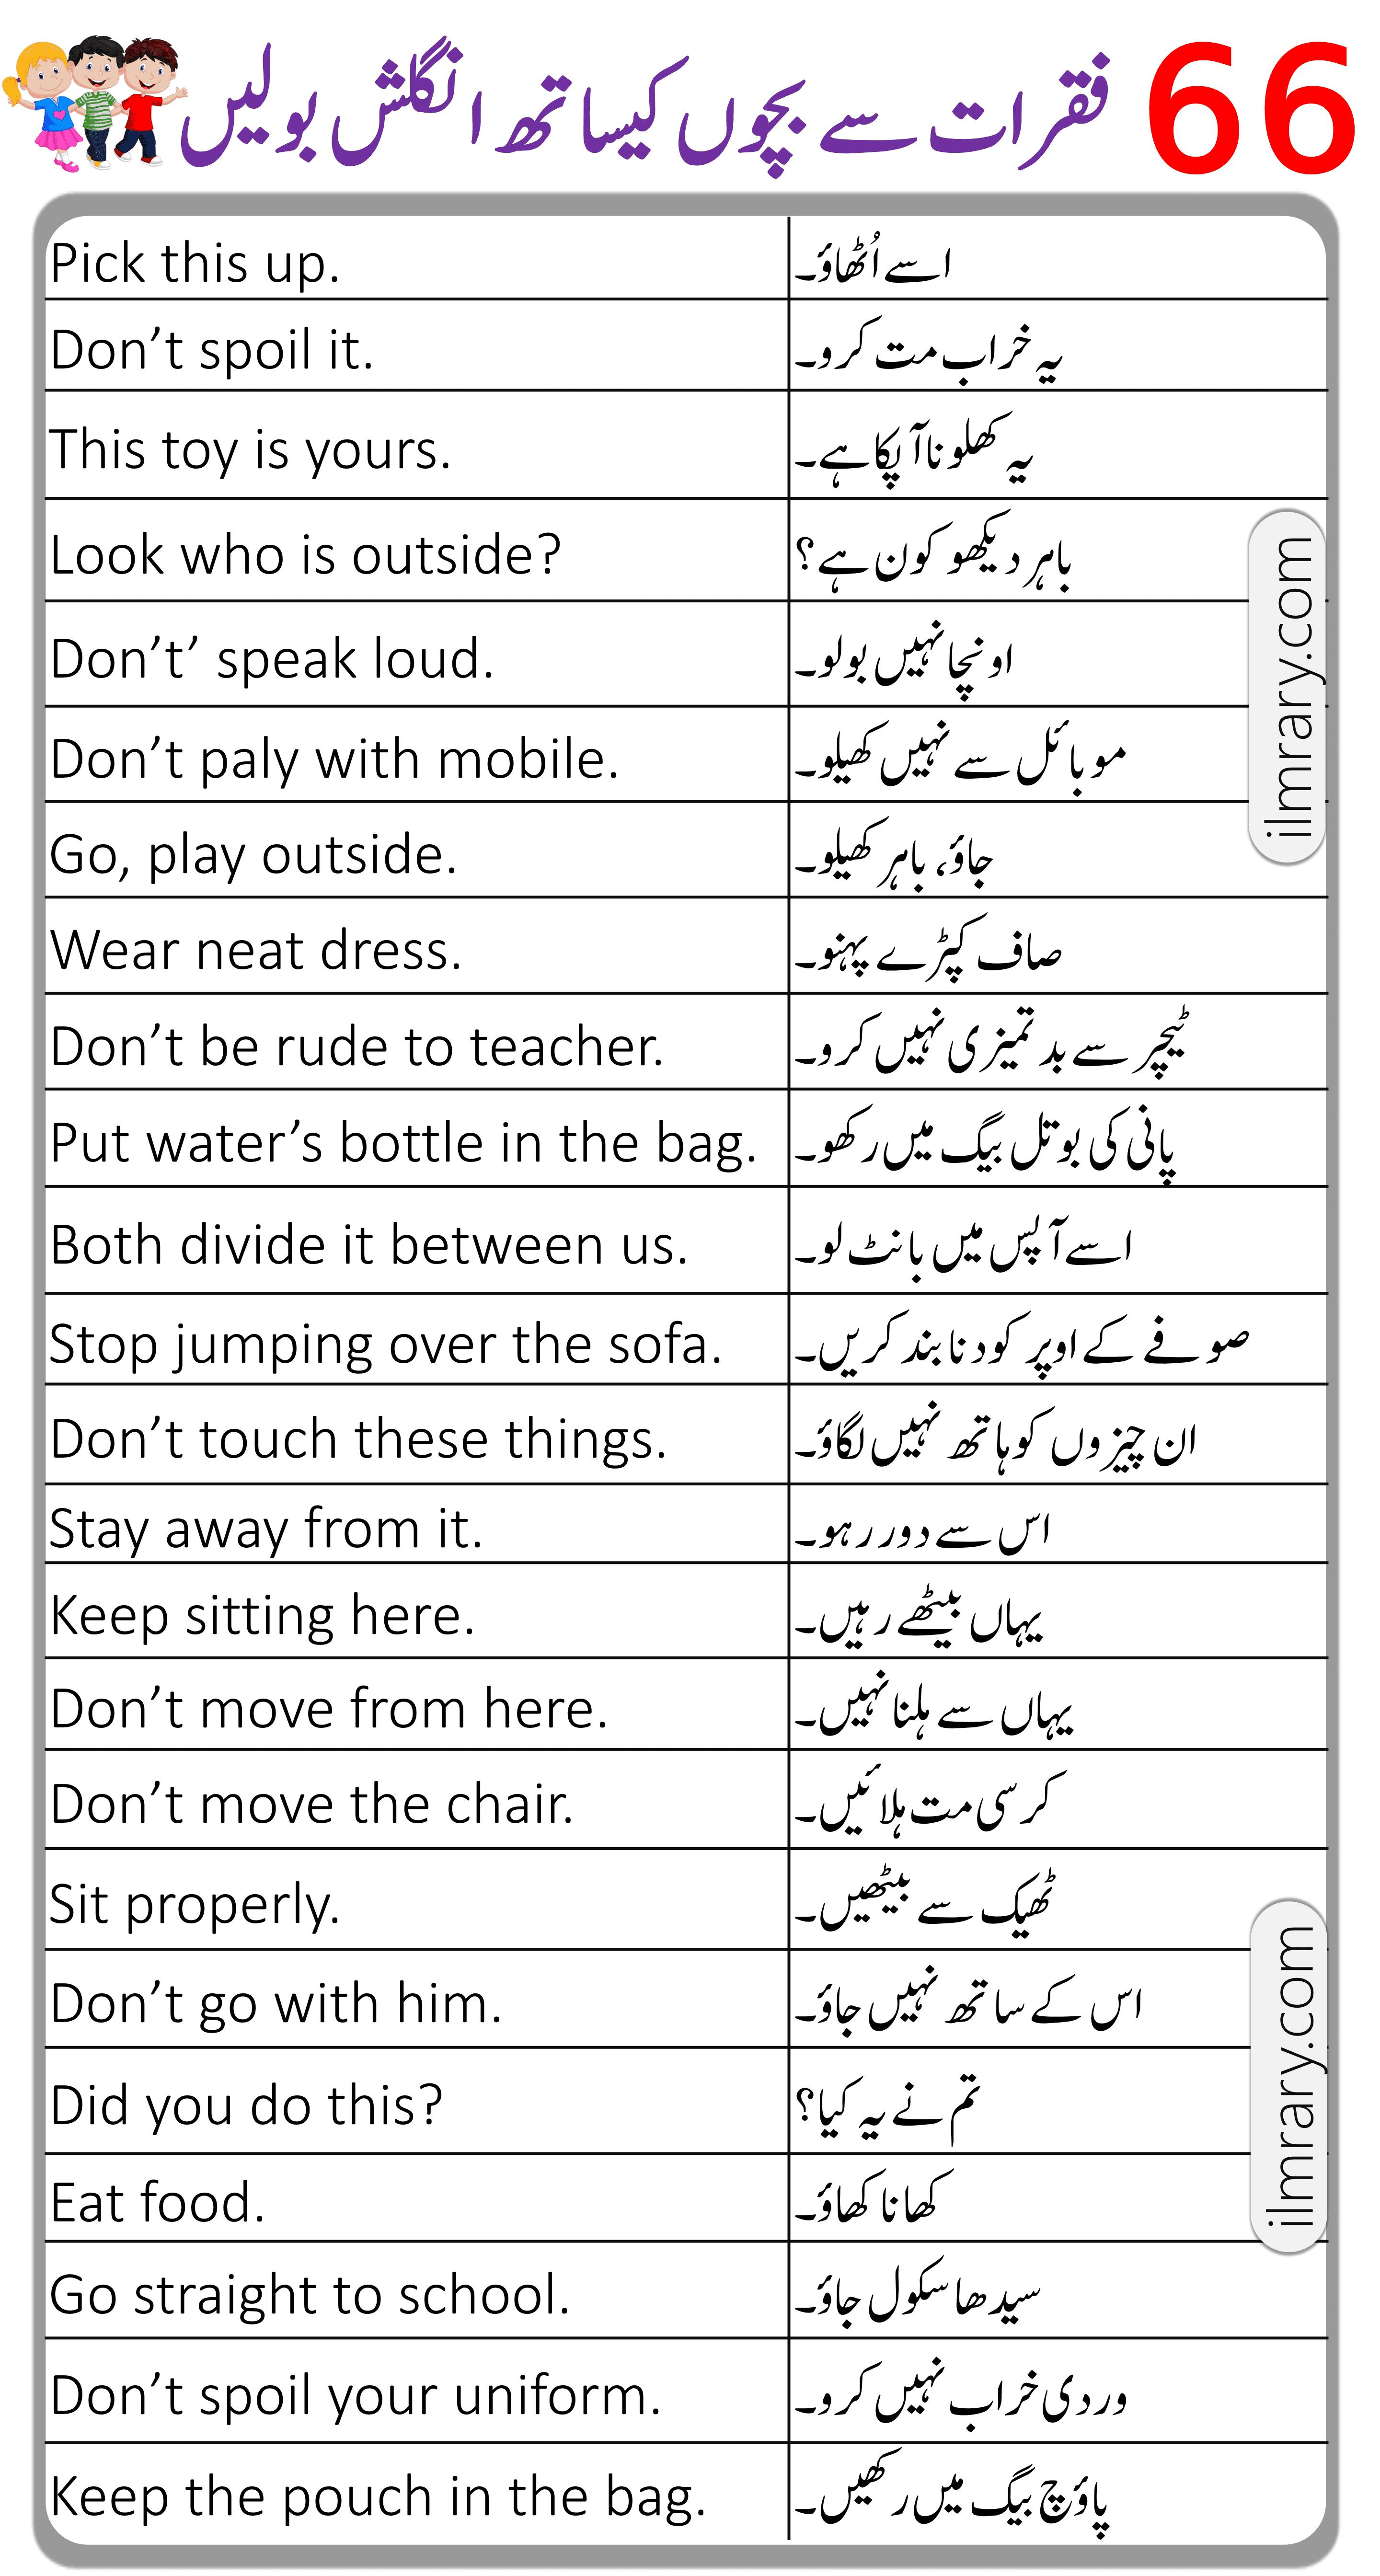 66 English Sentencess for Kids to Speak English with Urdu Translation